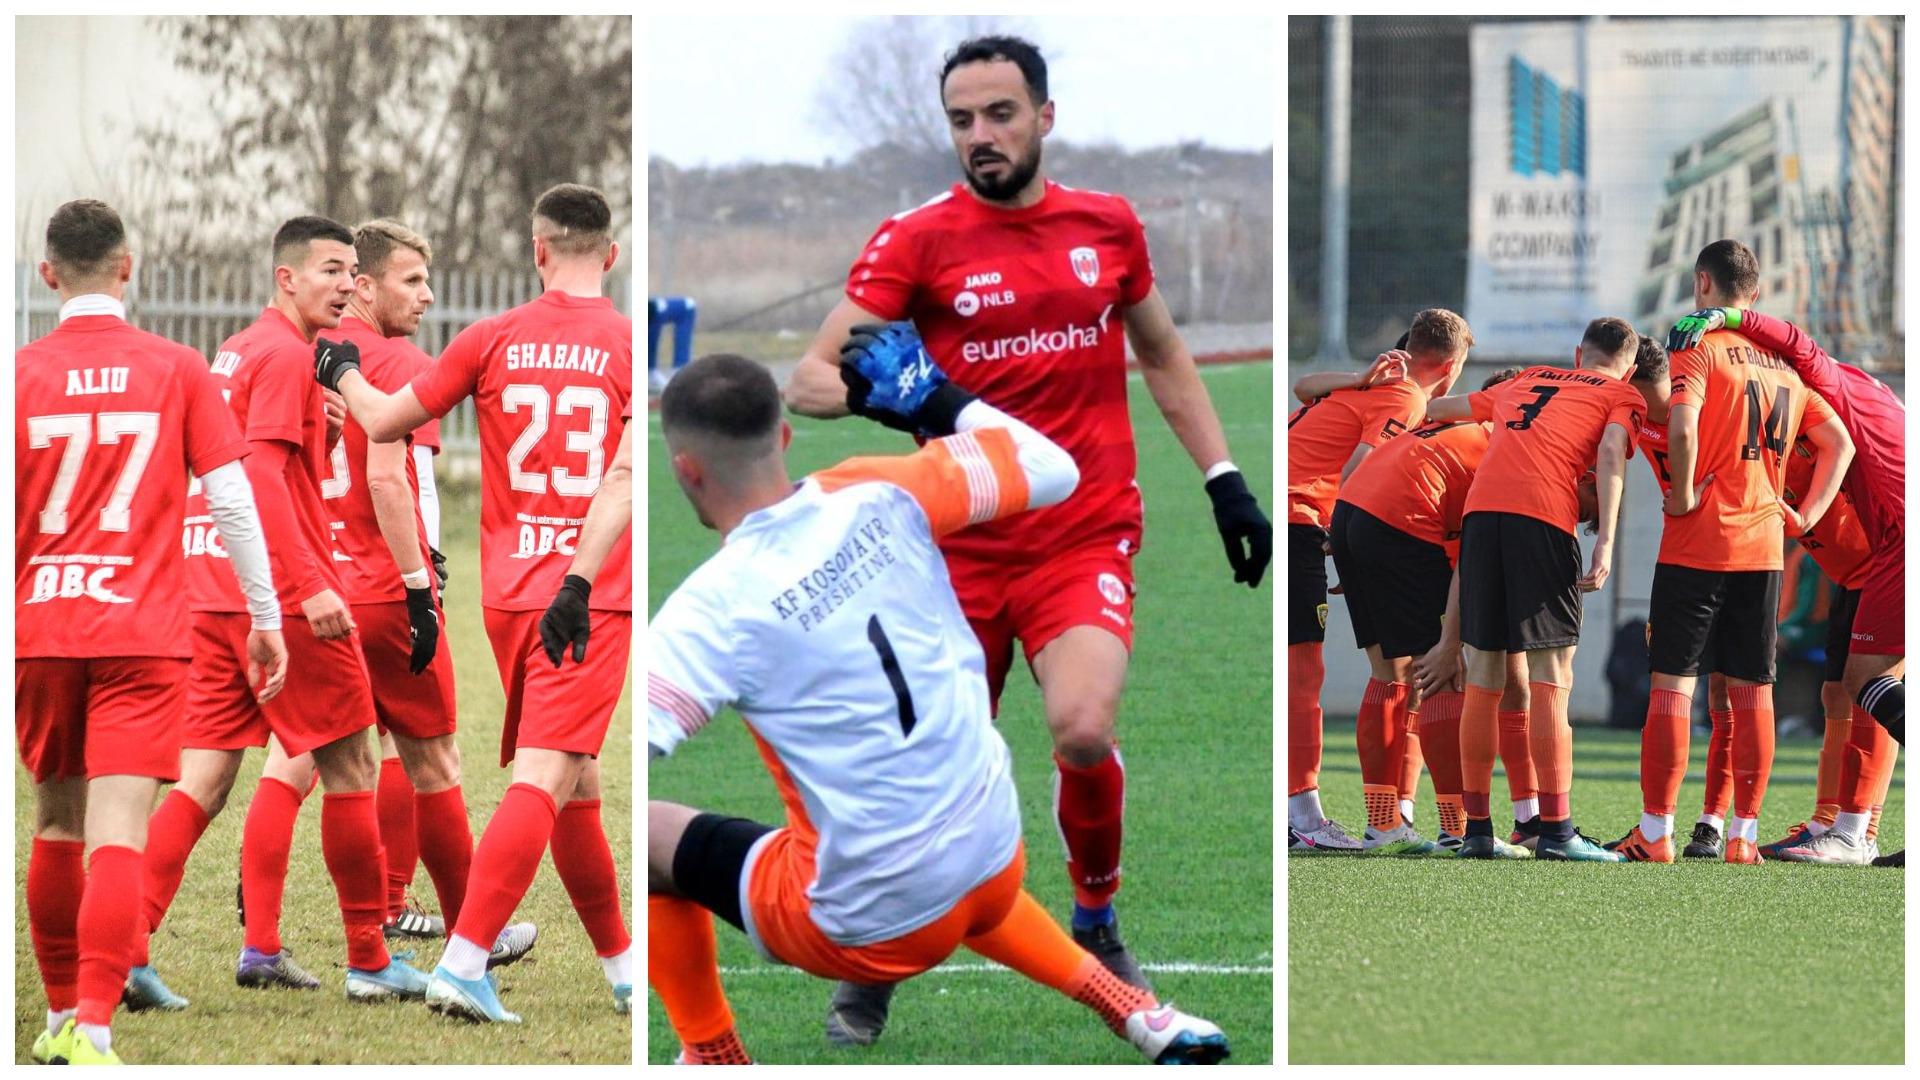 Goleadë e Prishtinës, Ballkanit i mjafton një gol. Të mëdhatë nuk zhgënjejnë në Kupë